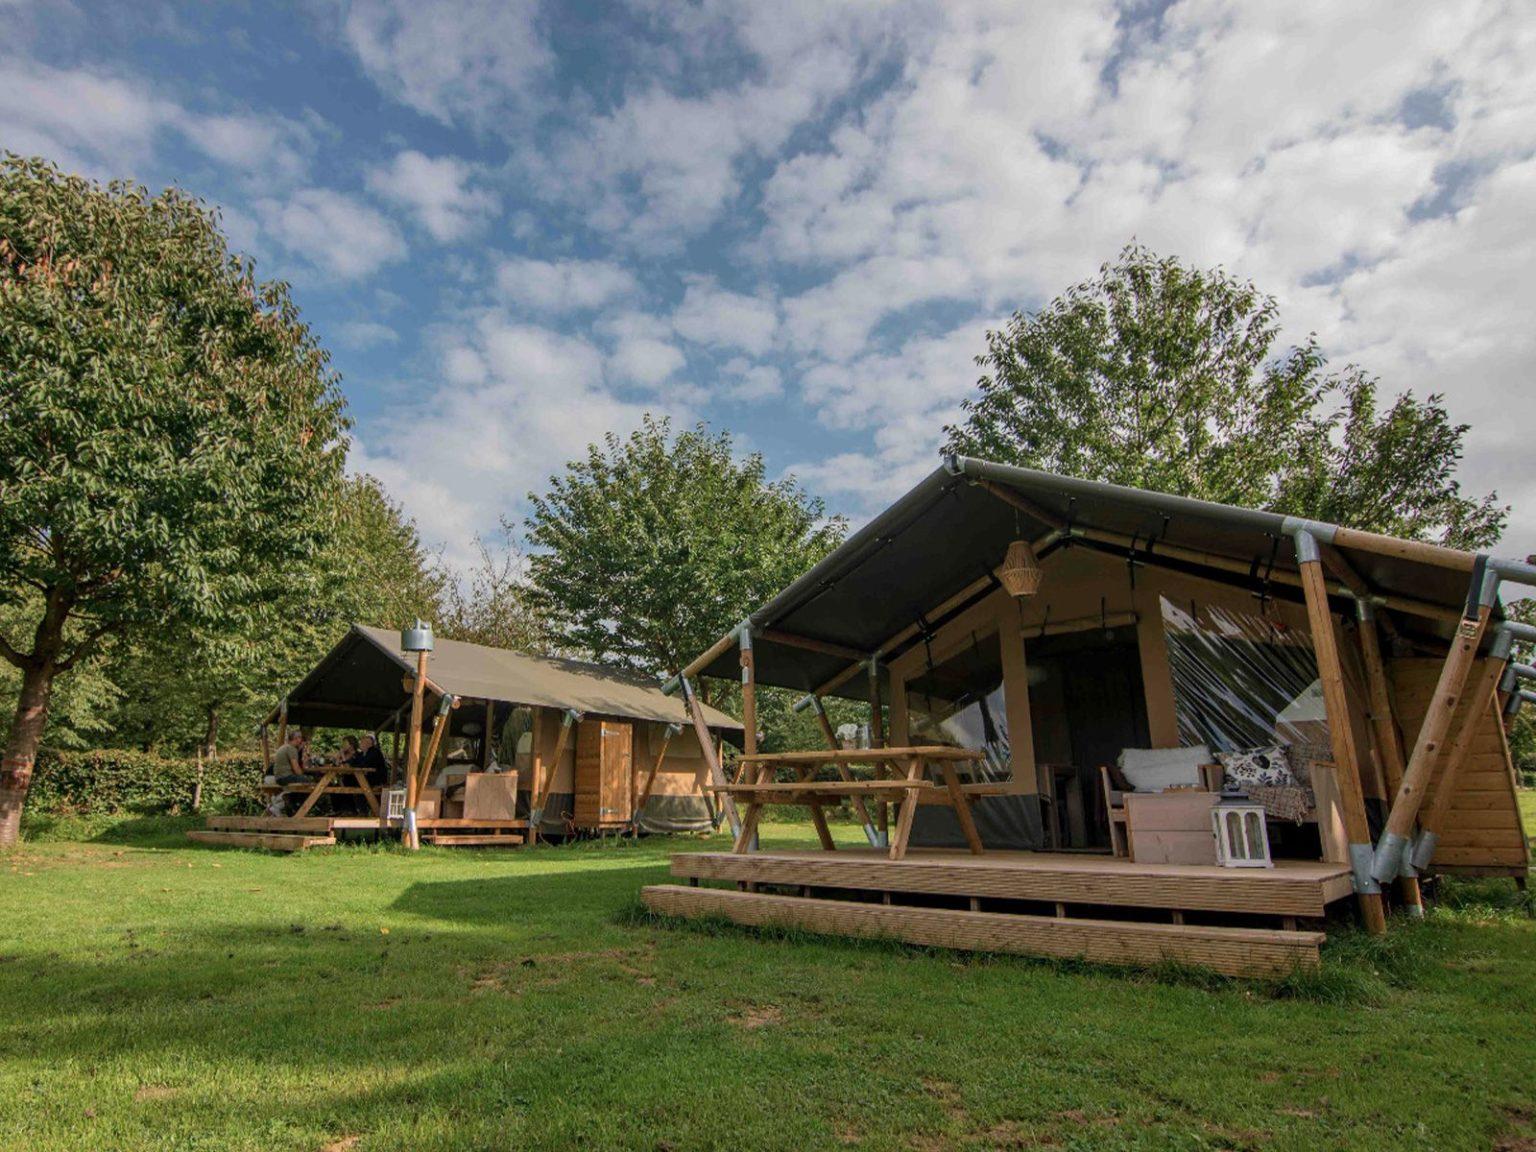 bij-groen-geluk-campingplaats-campingtent-01_result